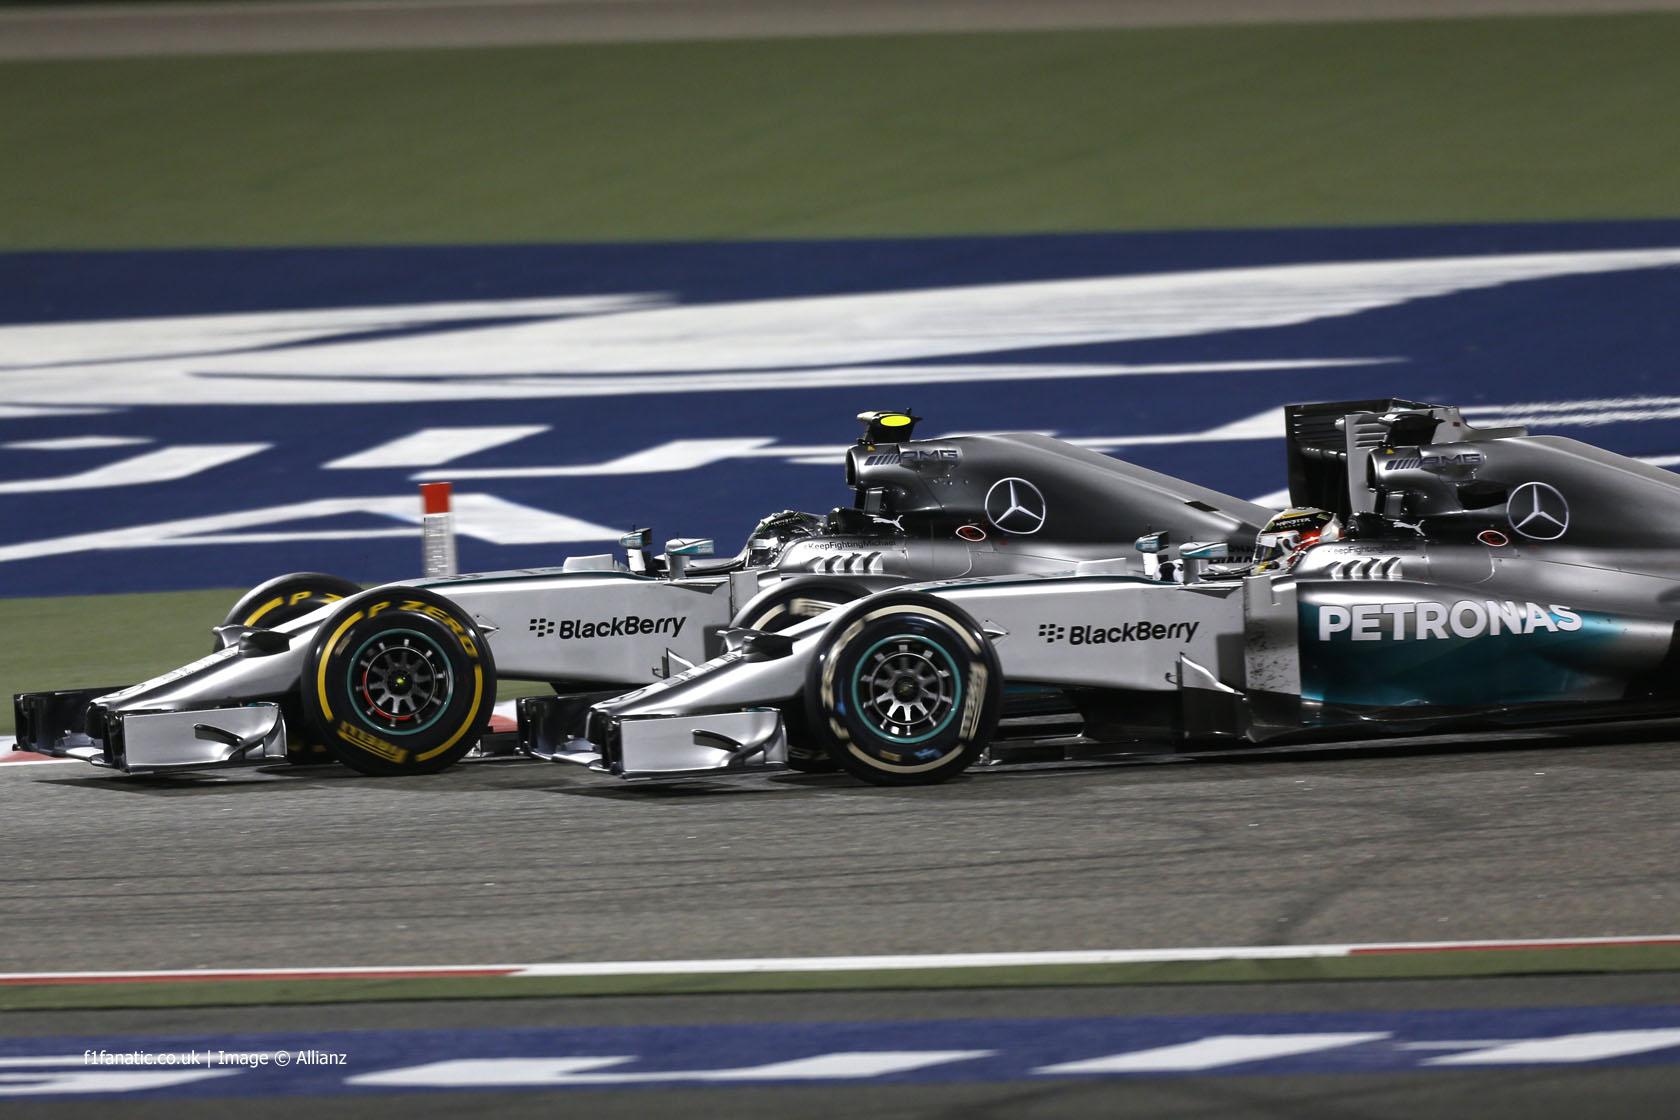 Nico Rosberg, Lewis Hamilton, Mercedes, Bahrain, 2014